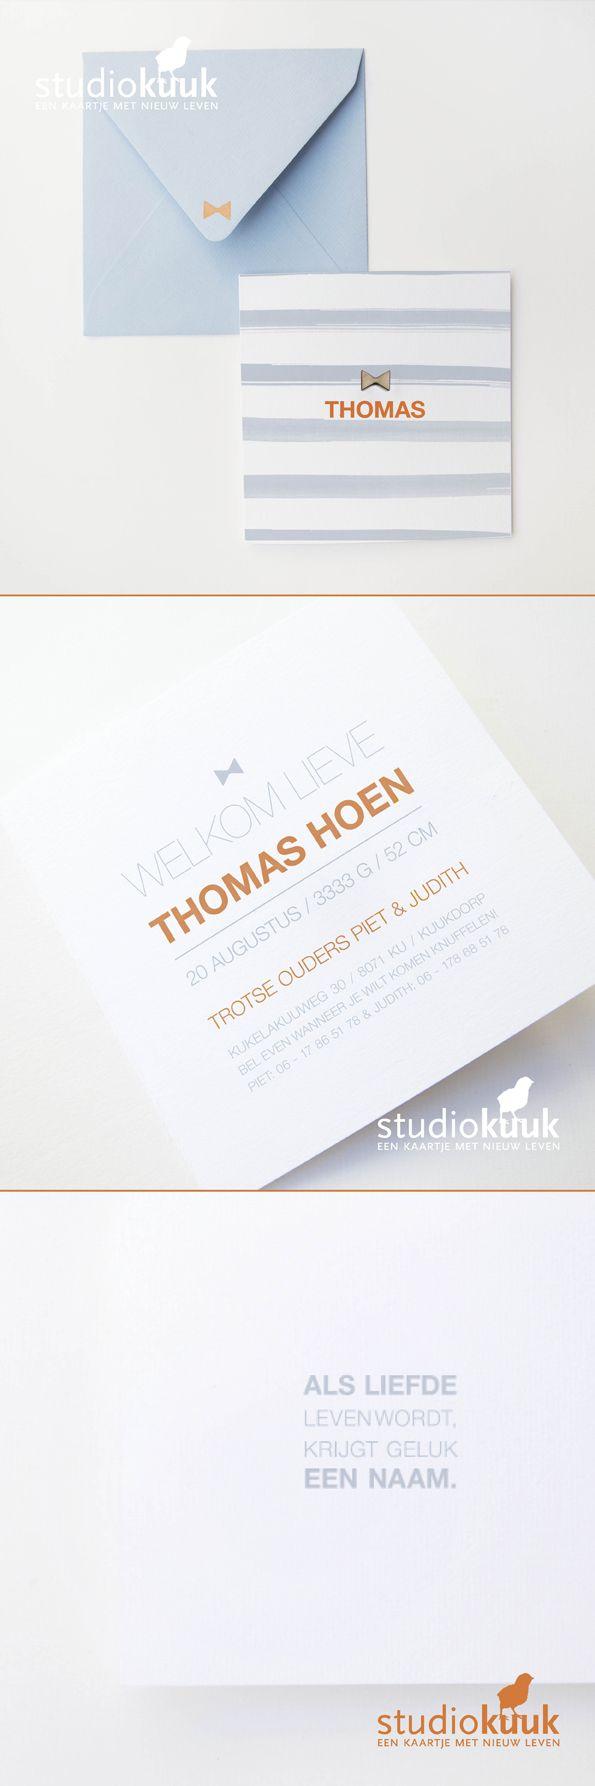 Landelijk, stoer geboortekaartje voor een jongen_Geboortekaartje met houten strik_vlinderdas_geboortekaartje jongen_oud blauw_fluor_blauwe envelop met fluor stempel #www.studiokuuk.nl